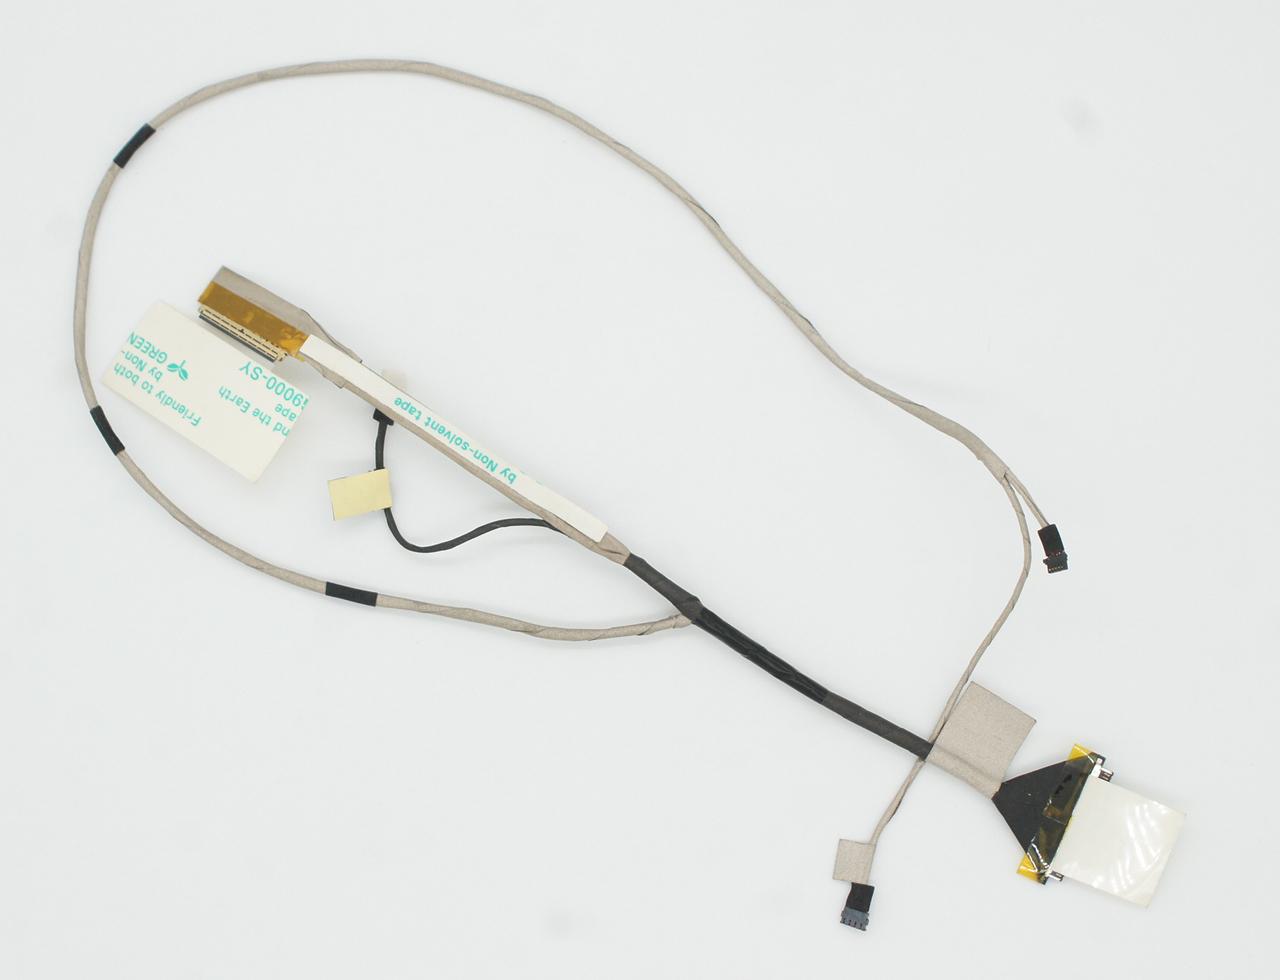 新到货300pcs BAD50 LVDS+CCD CABLE 50.4NM01.011 宏碁Acer Travelmate 8573 8573T 8573TG 屏线 排线